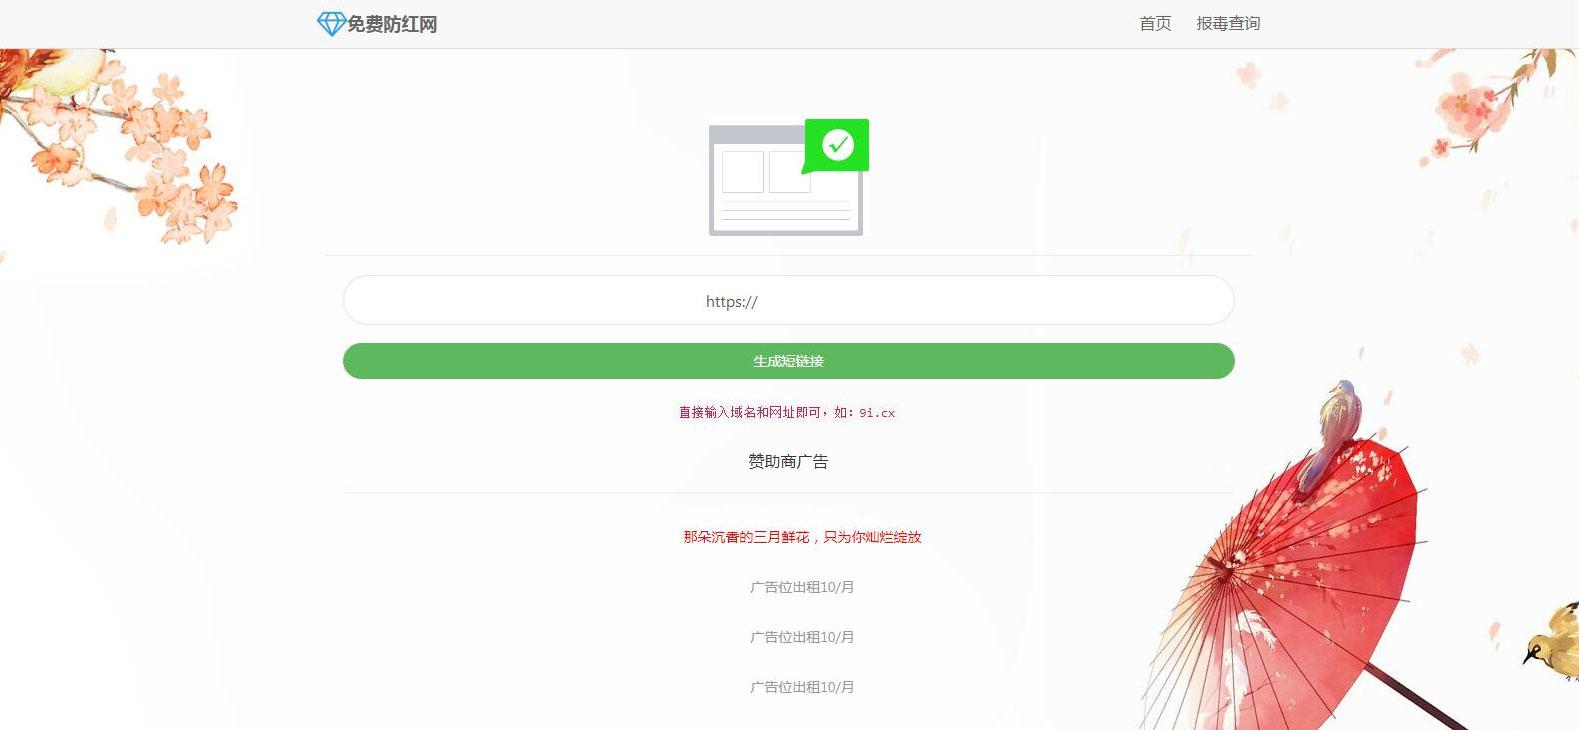 响应式域名防红源码 v1.02修复 防红二维码